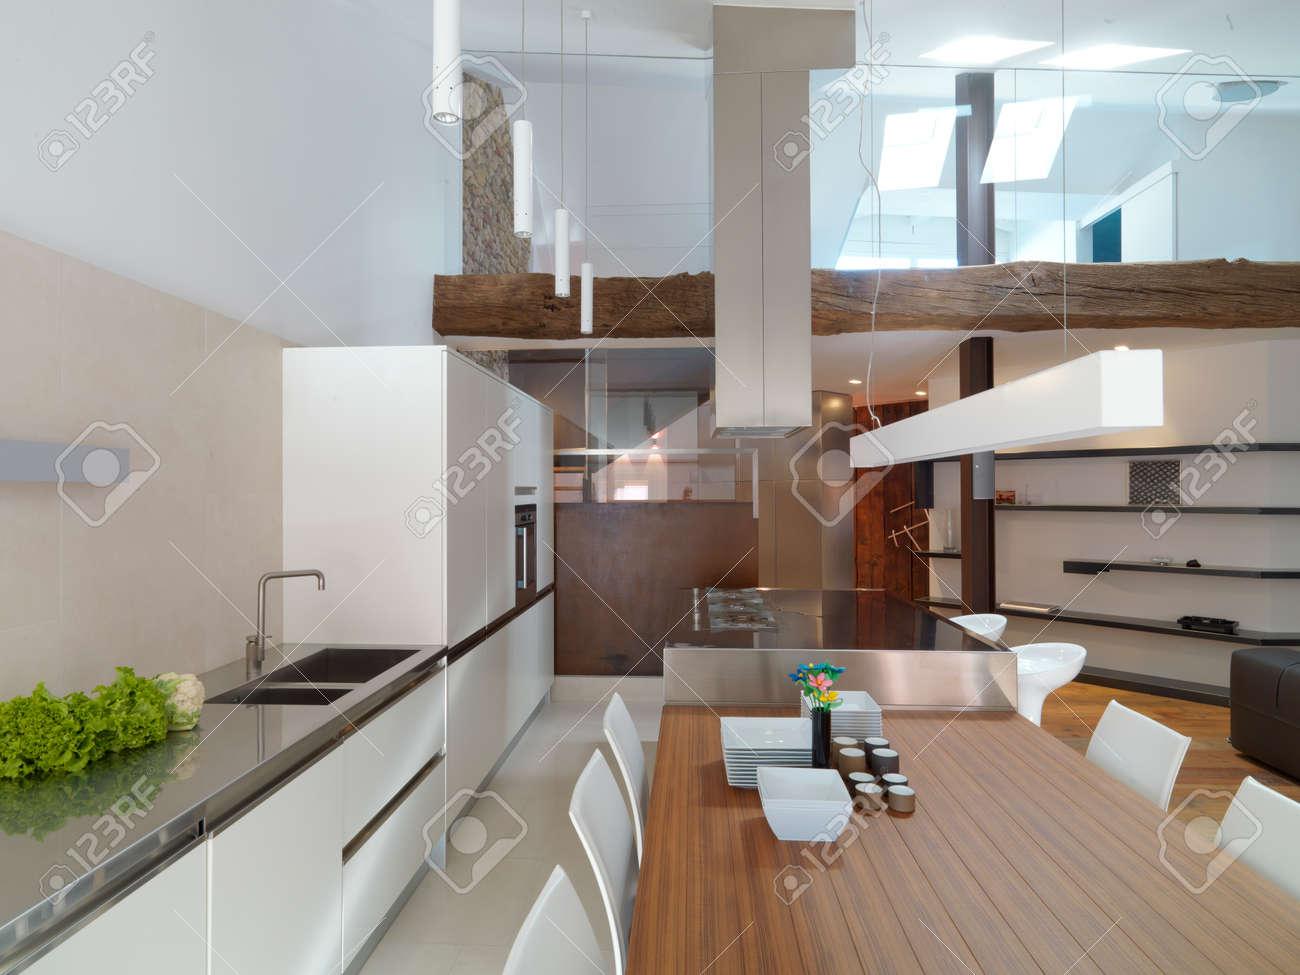 Vue de l\'intérieur d\'un salon moderne et cuisine donnant sur la mezzanine